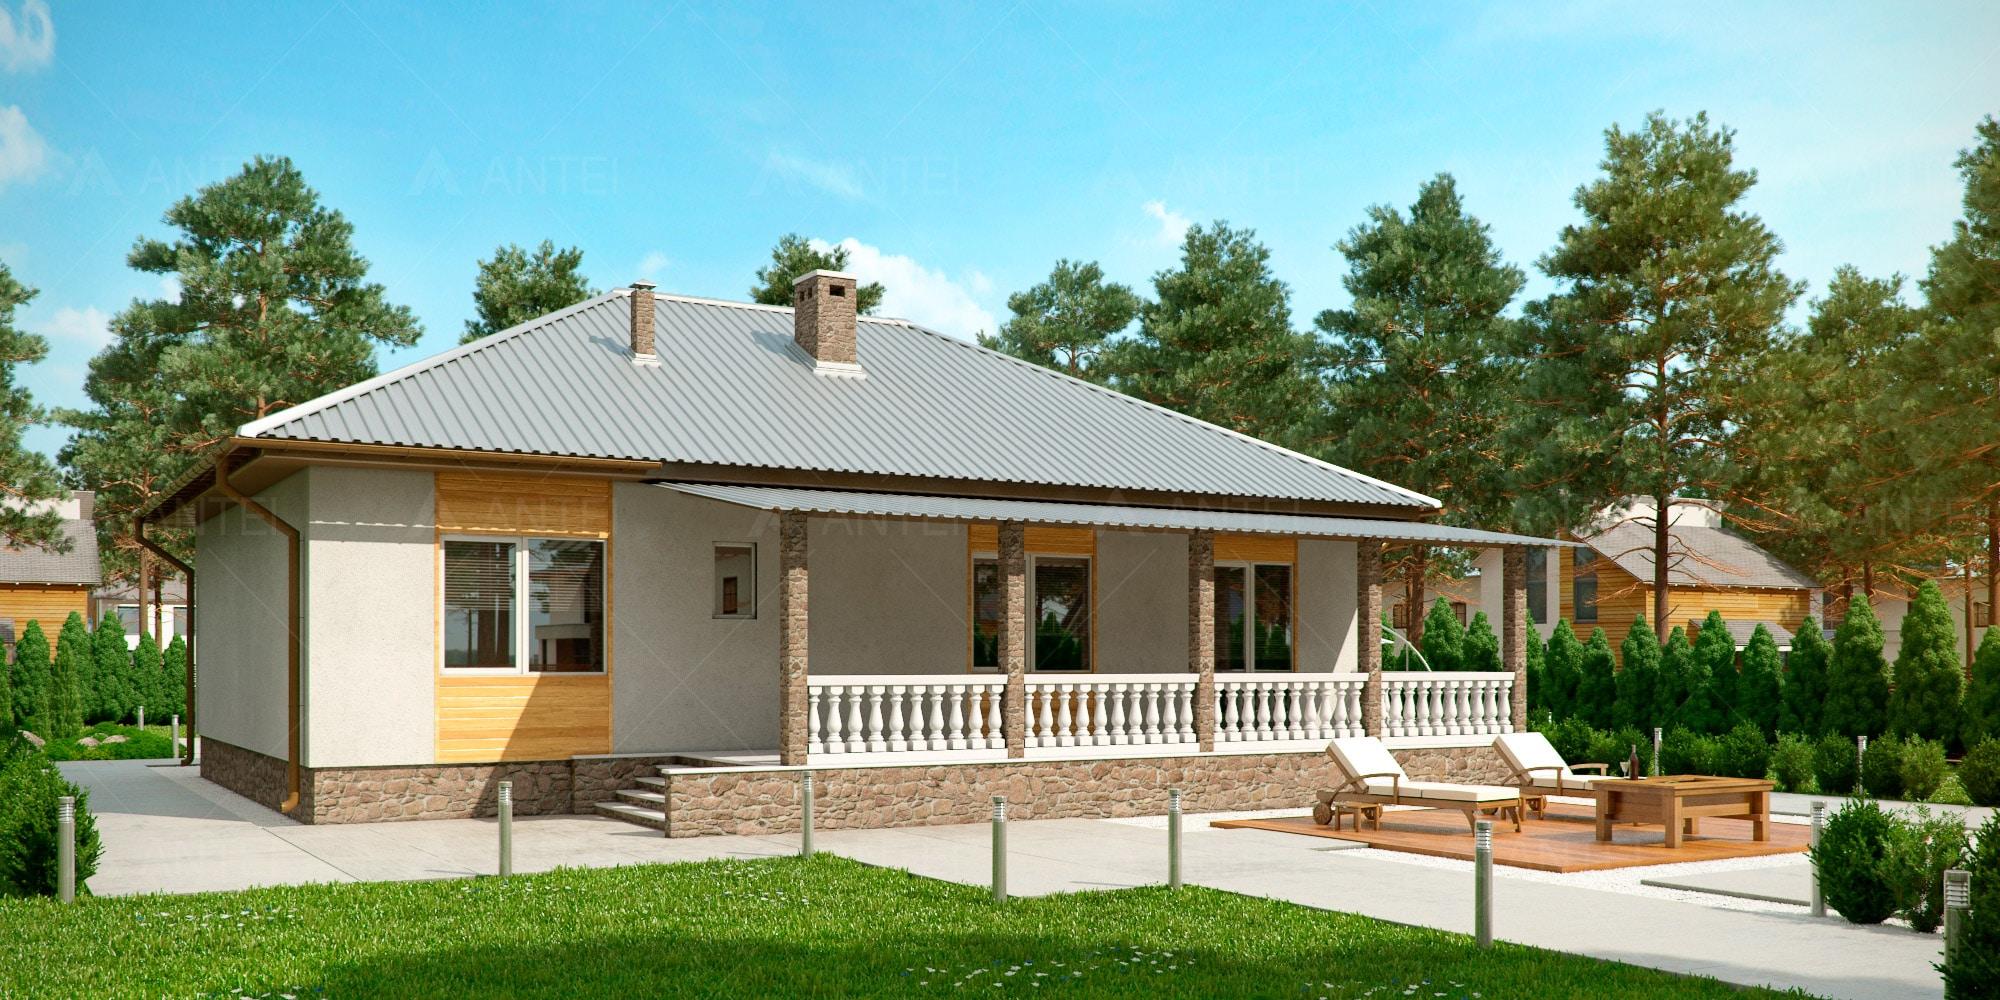 проект одноэтажных домов с верандой фото публикацией изображения